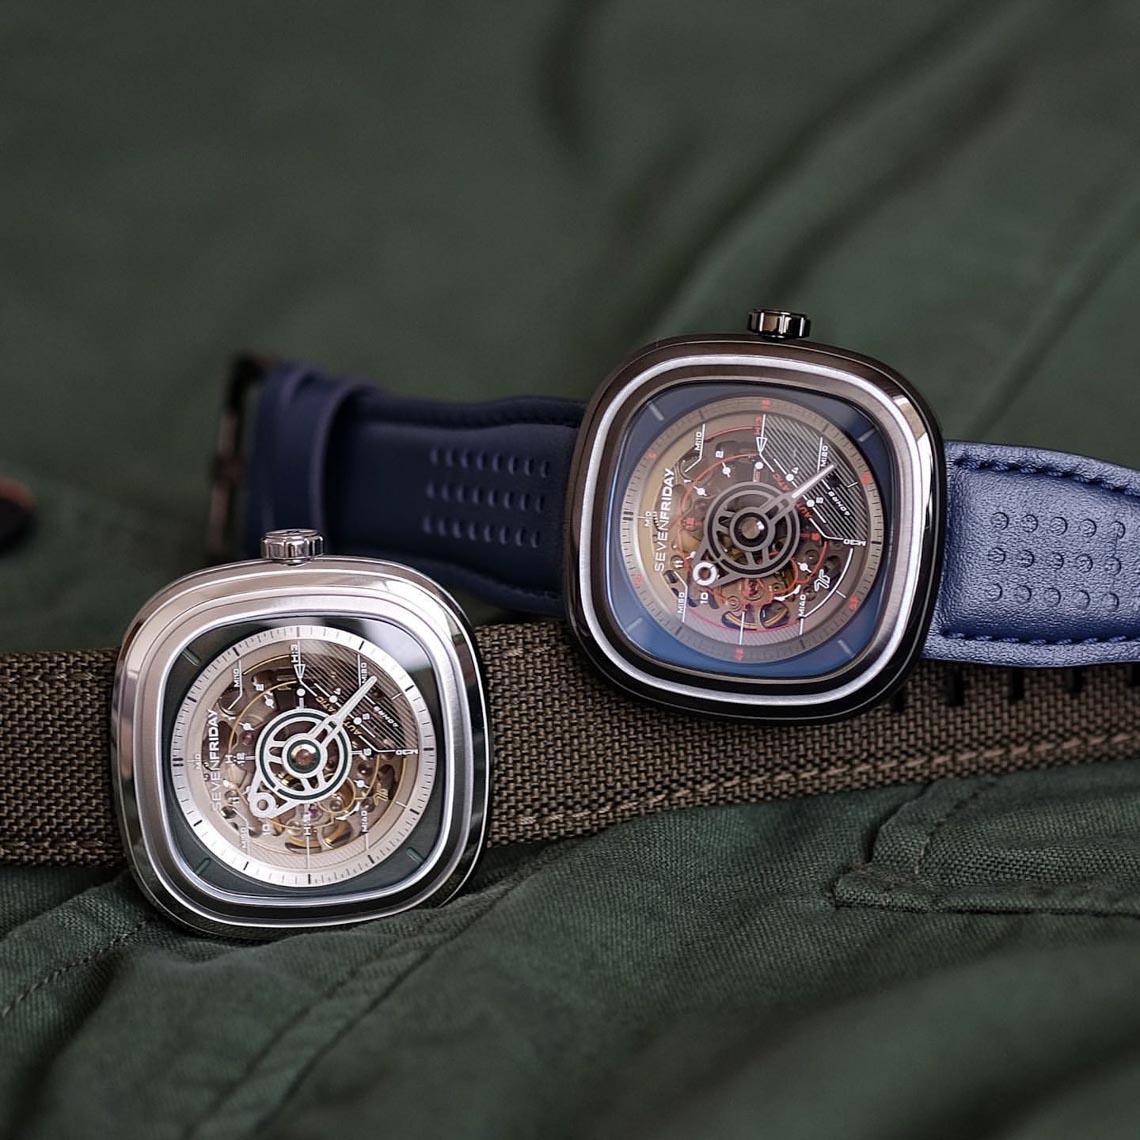 SevenFriday chính thức ra mắt bộ sưu tập T-Series với hai thiết kế T2/01 và T3/01 -3